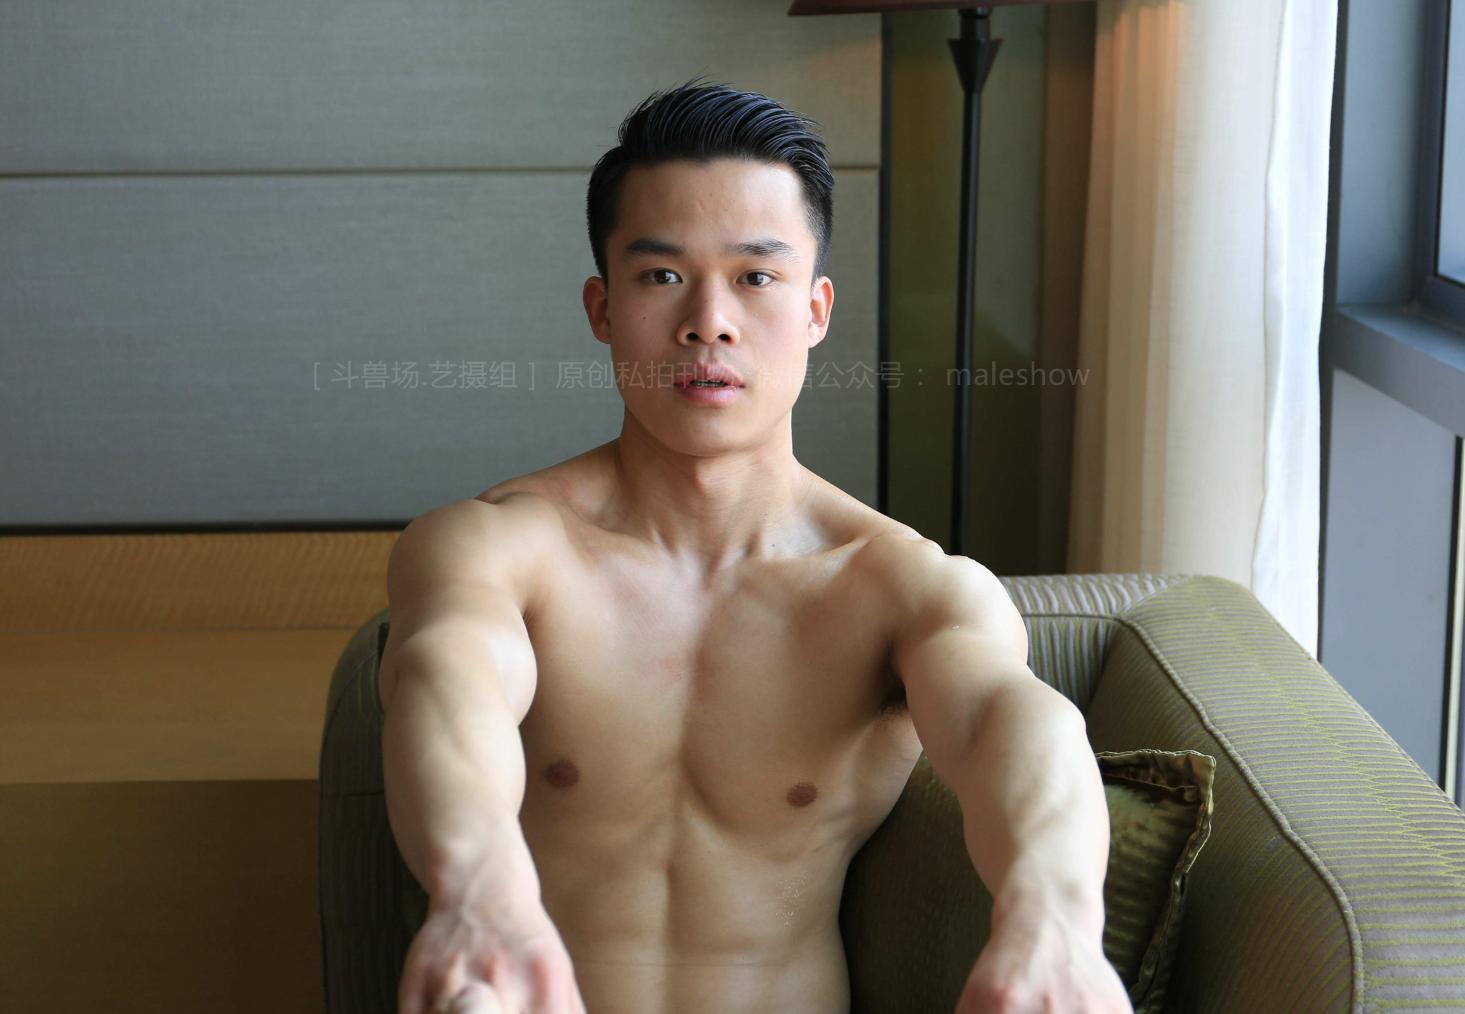 [中国]海外のゲイサイト[アジア]xvideo>1本 YouTube動画>4本 ->画像>700枚